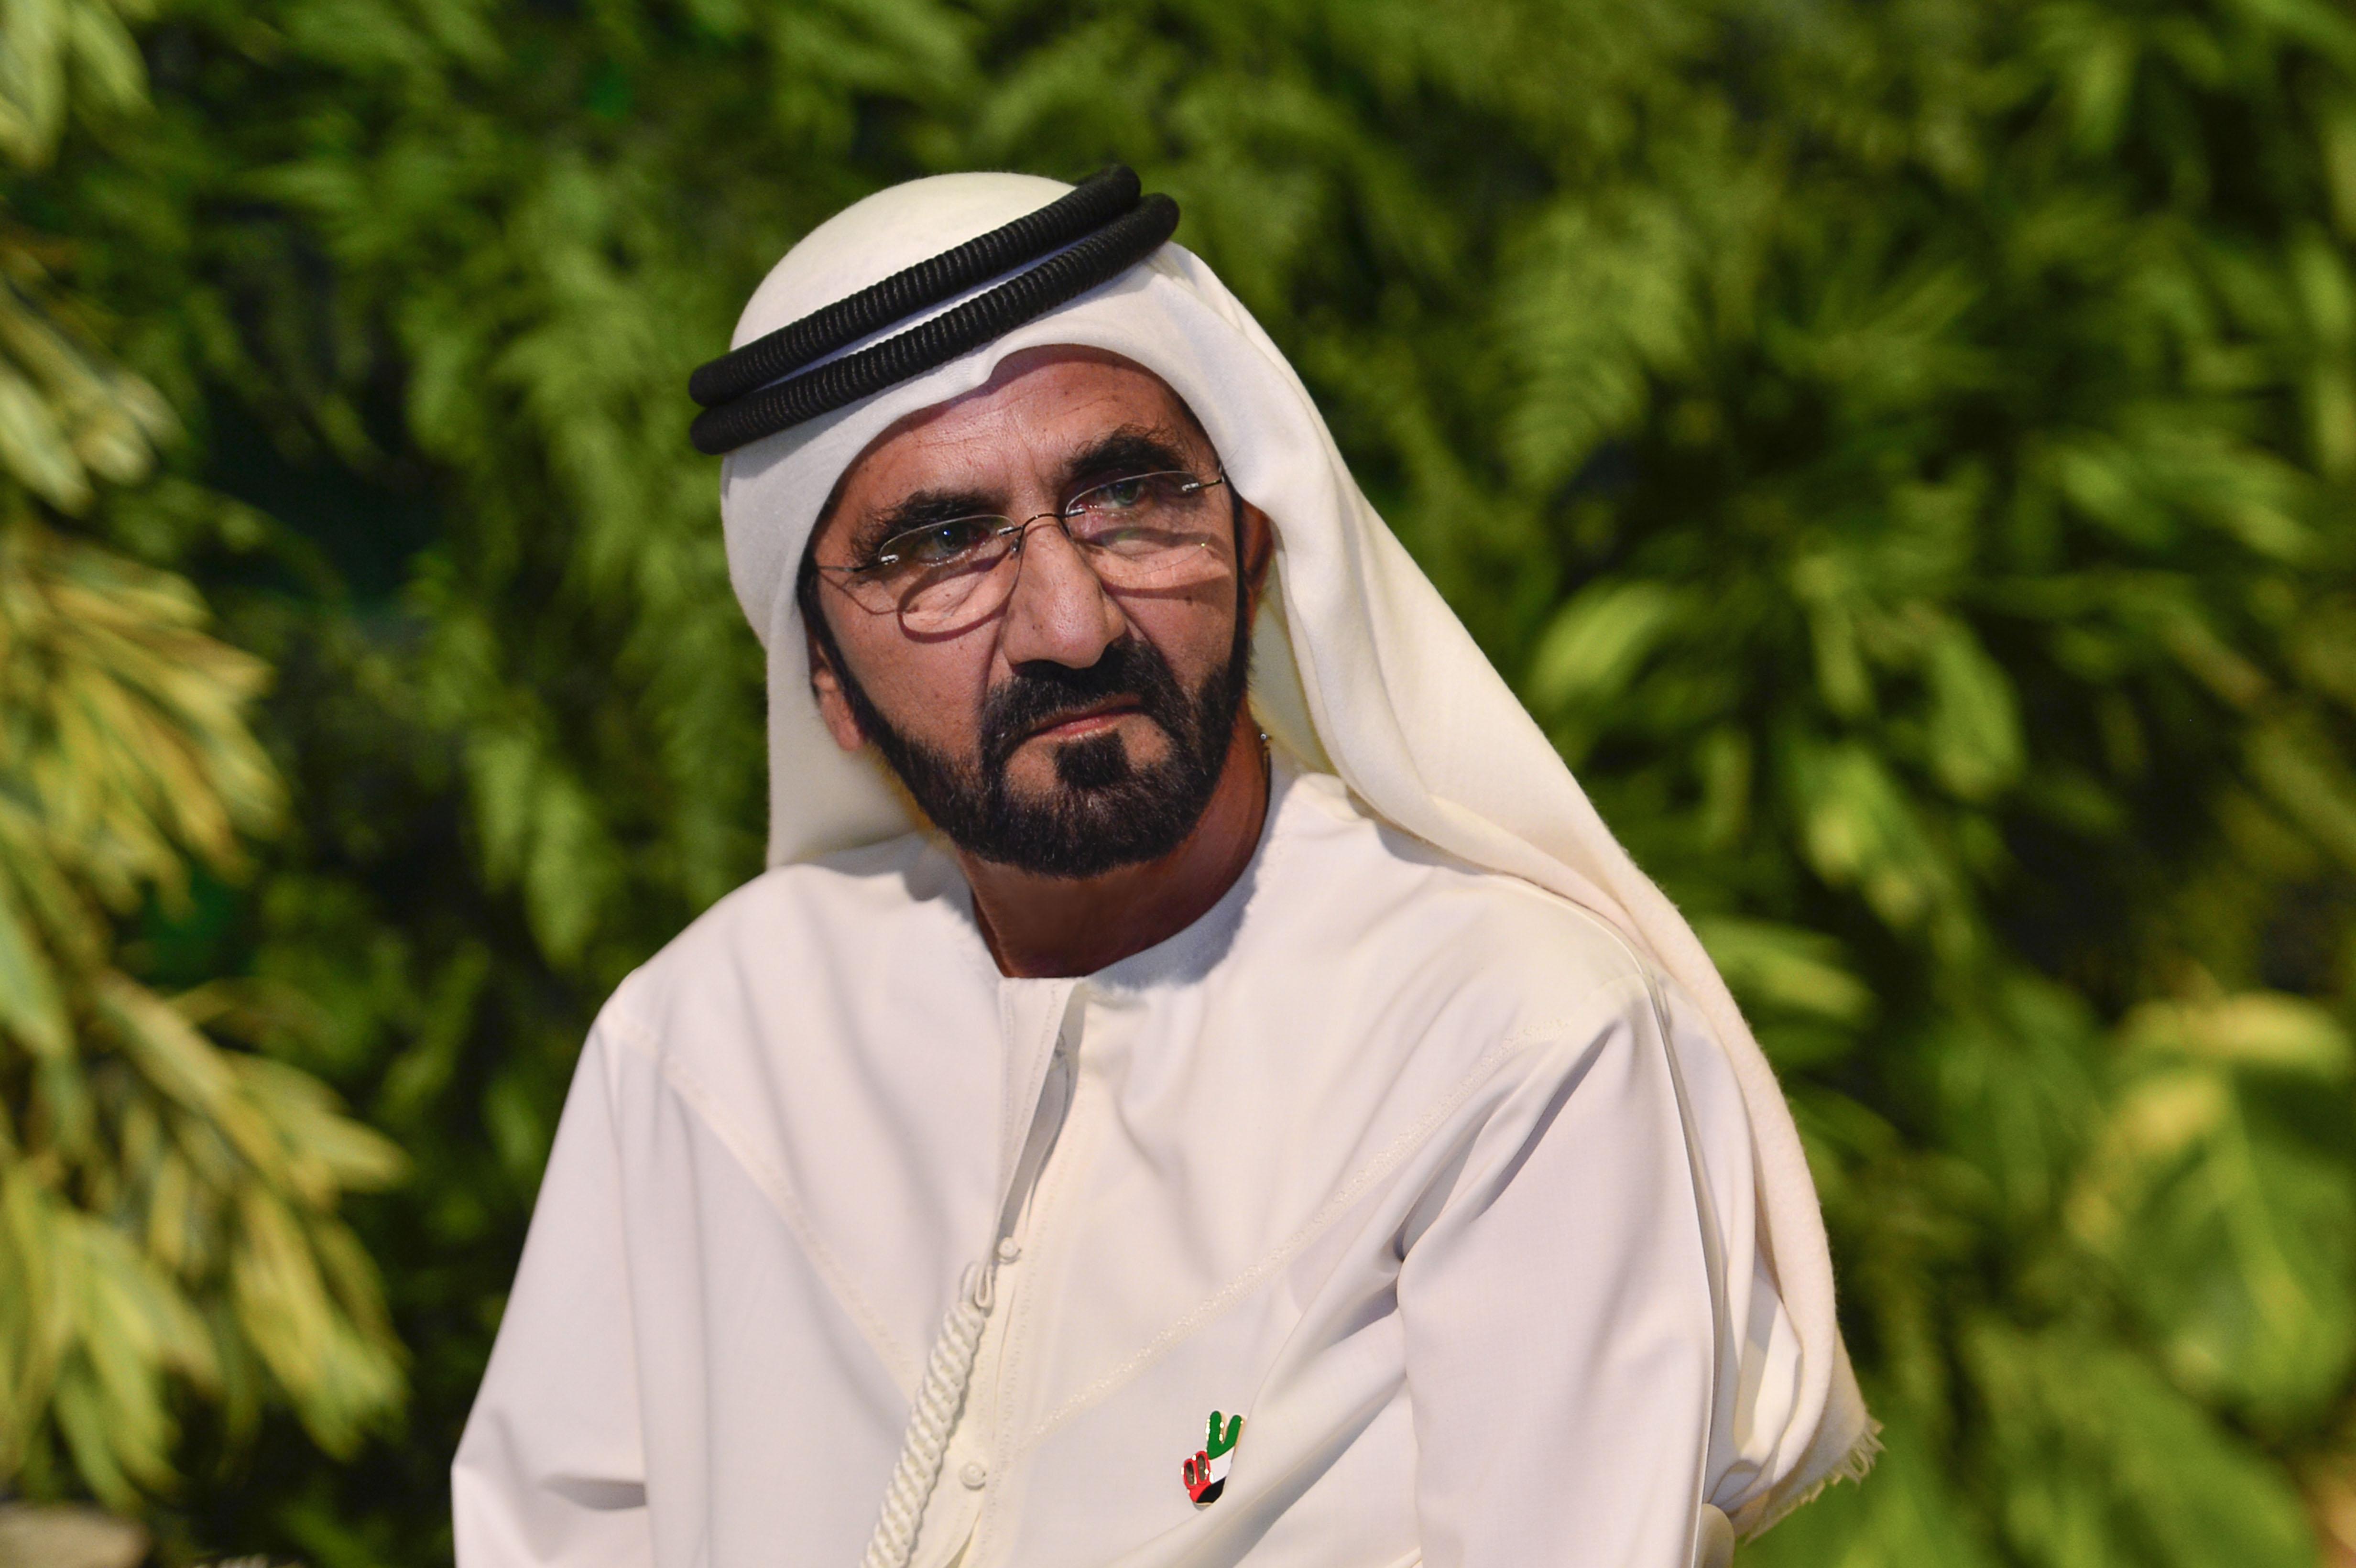 صاحب السمو الشيخ محمد بن راشد آل مكتوم - قائد يلهم أمة